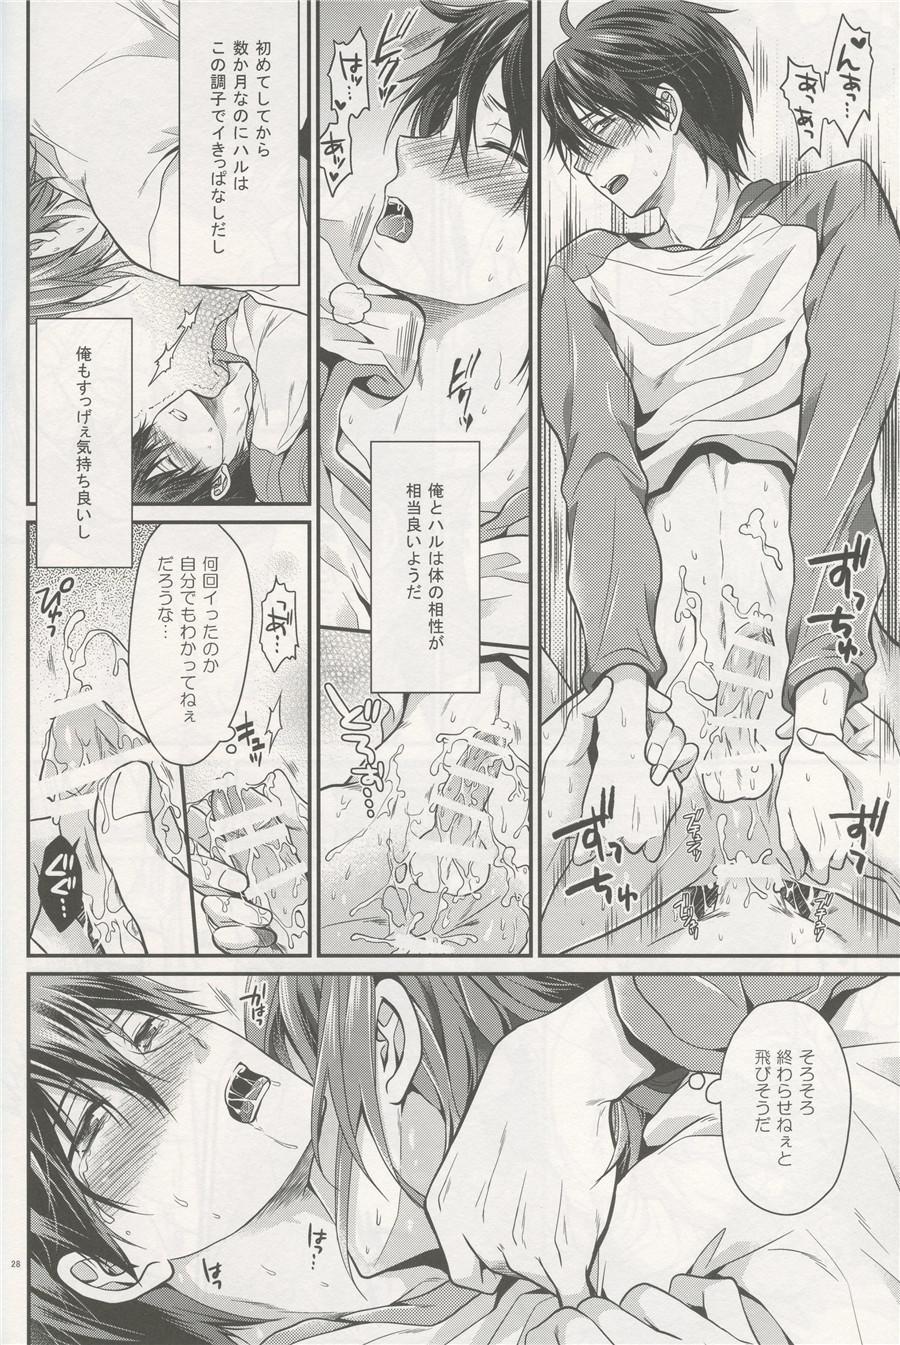 Aitsu no Yome Skill ga Takasugirundaga. 26